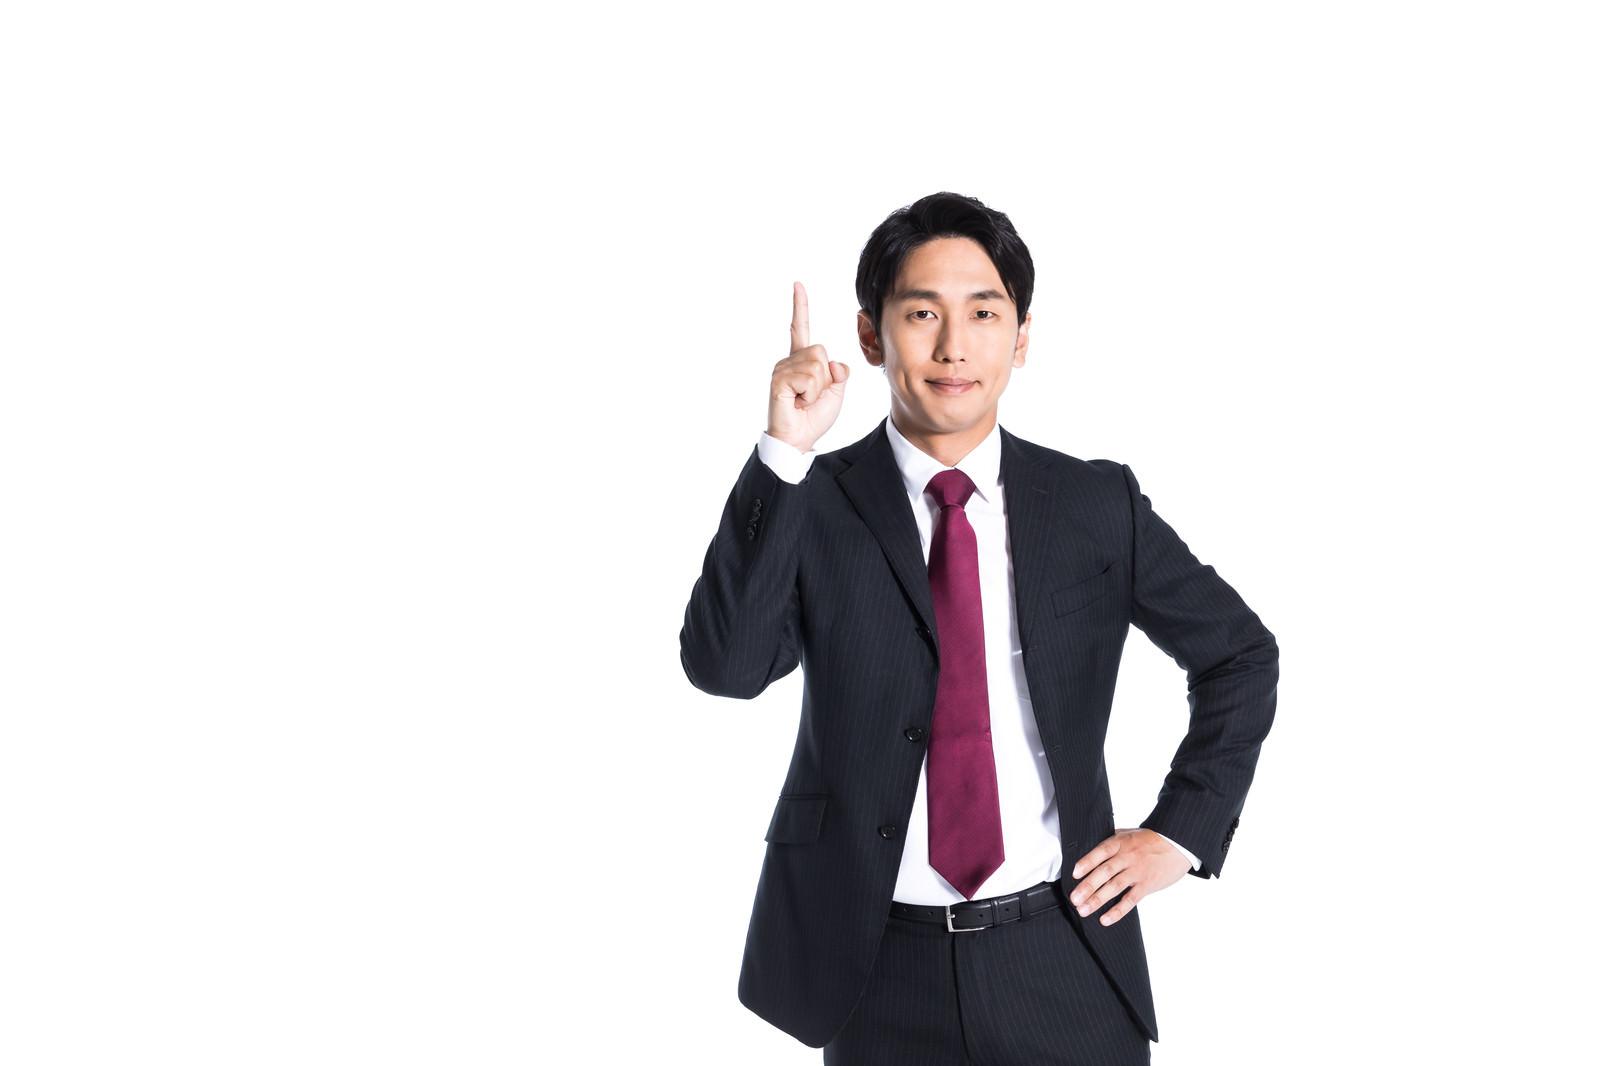 「ワンポイントアドバイスをする男性」の写真[モデル:大川竜弥]